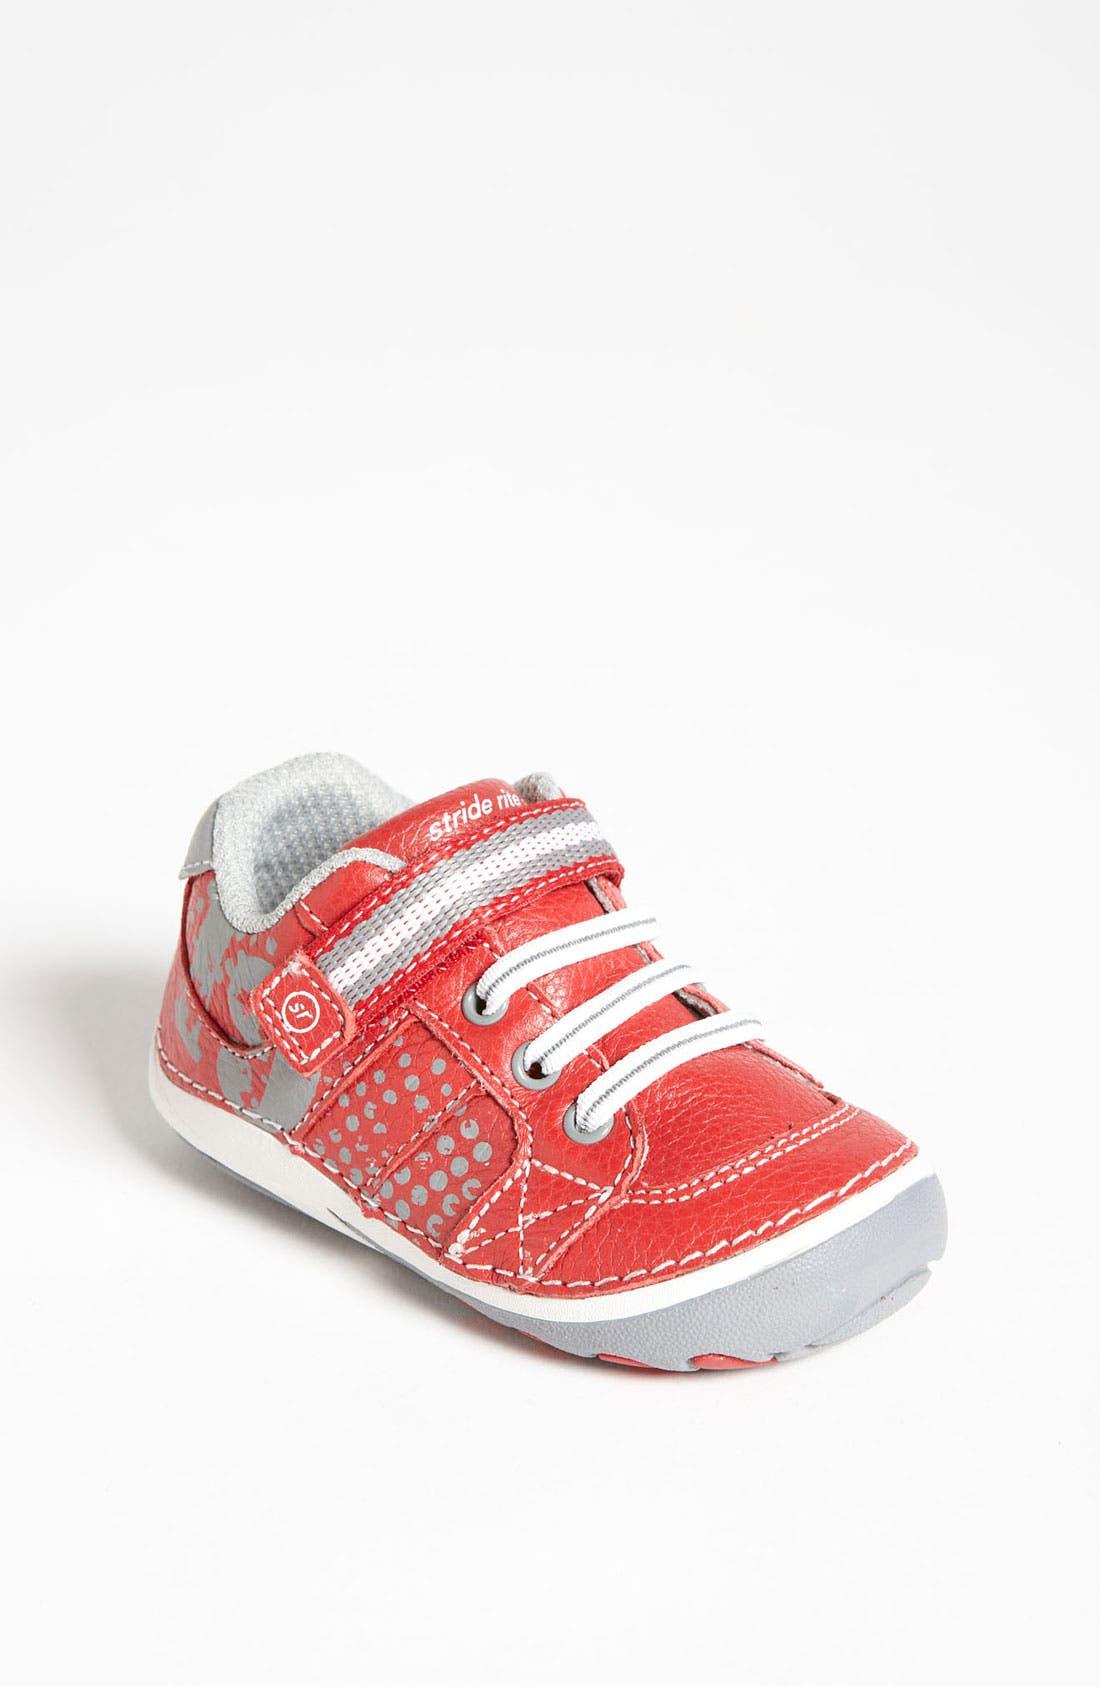 Main Image - Stride Rite 'Artie' Sneaker (Baby & Walker)